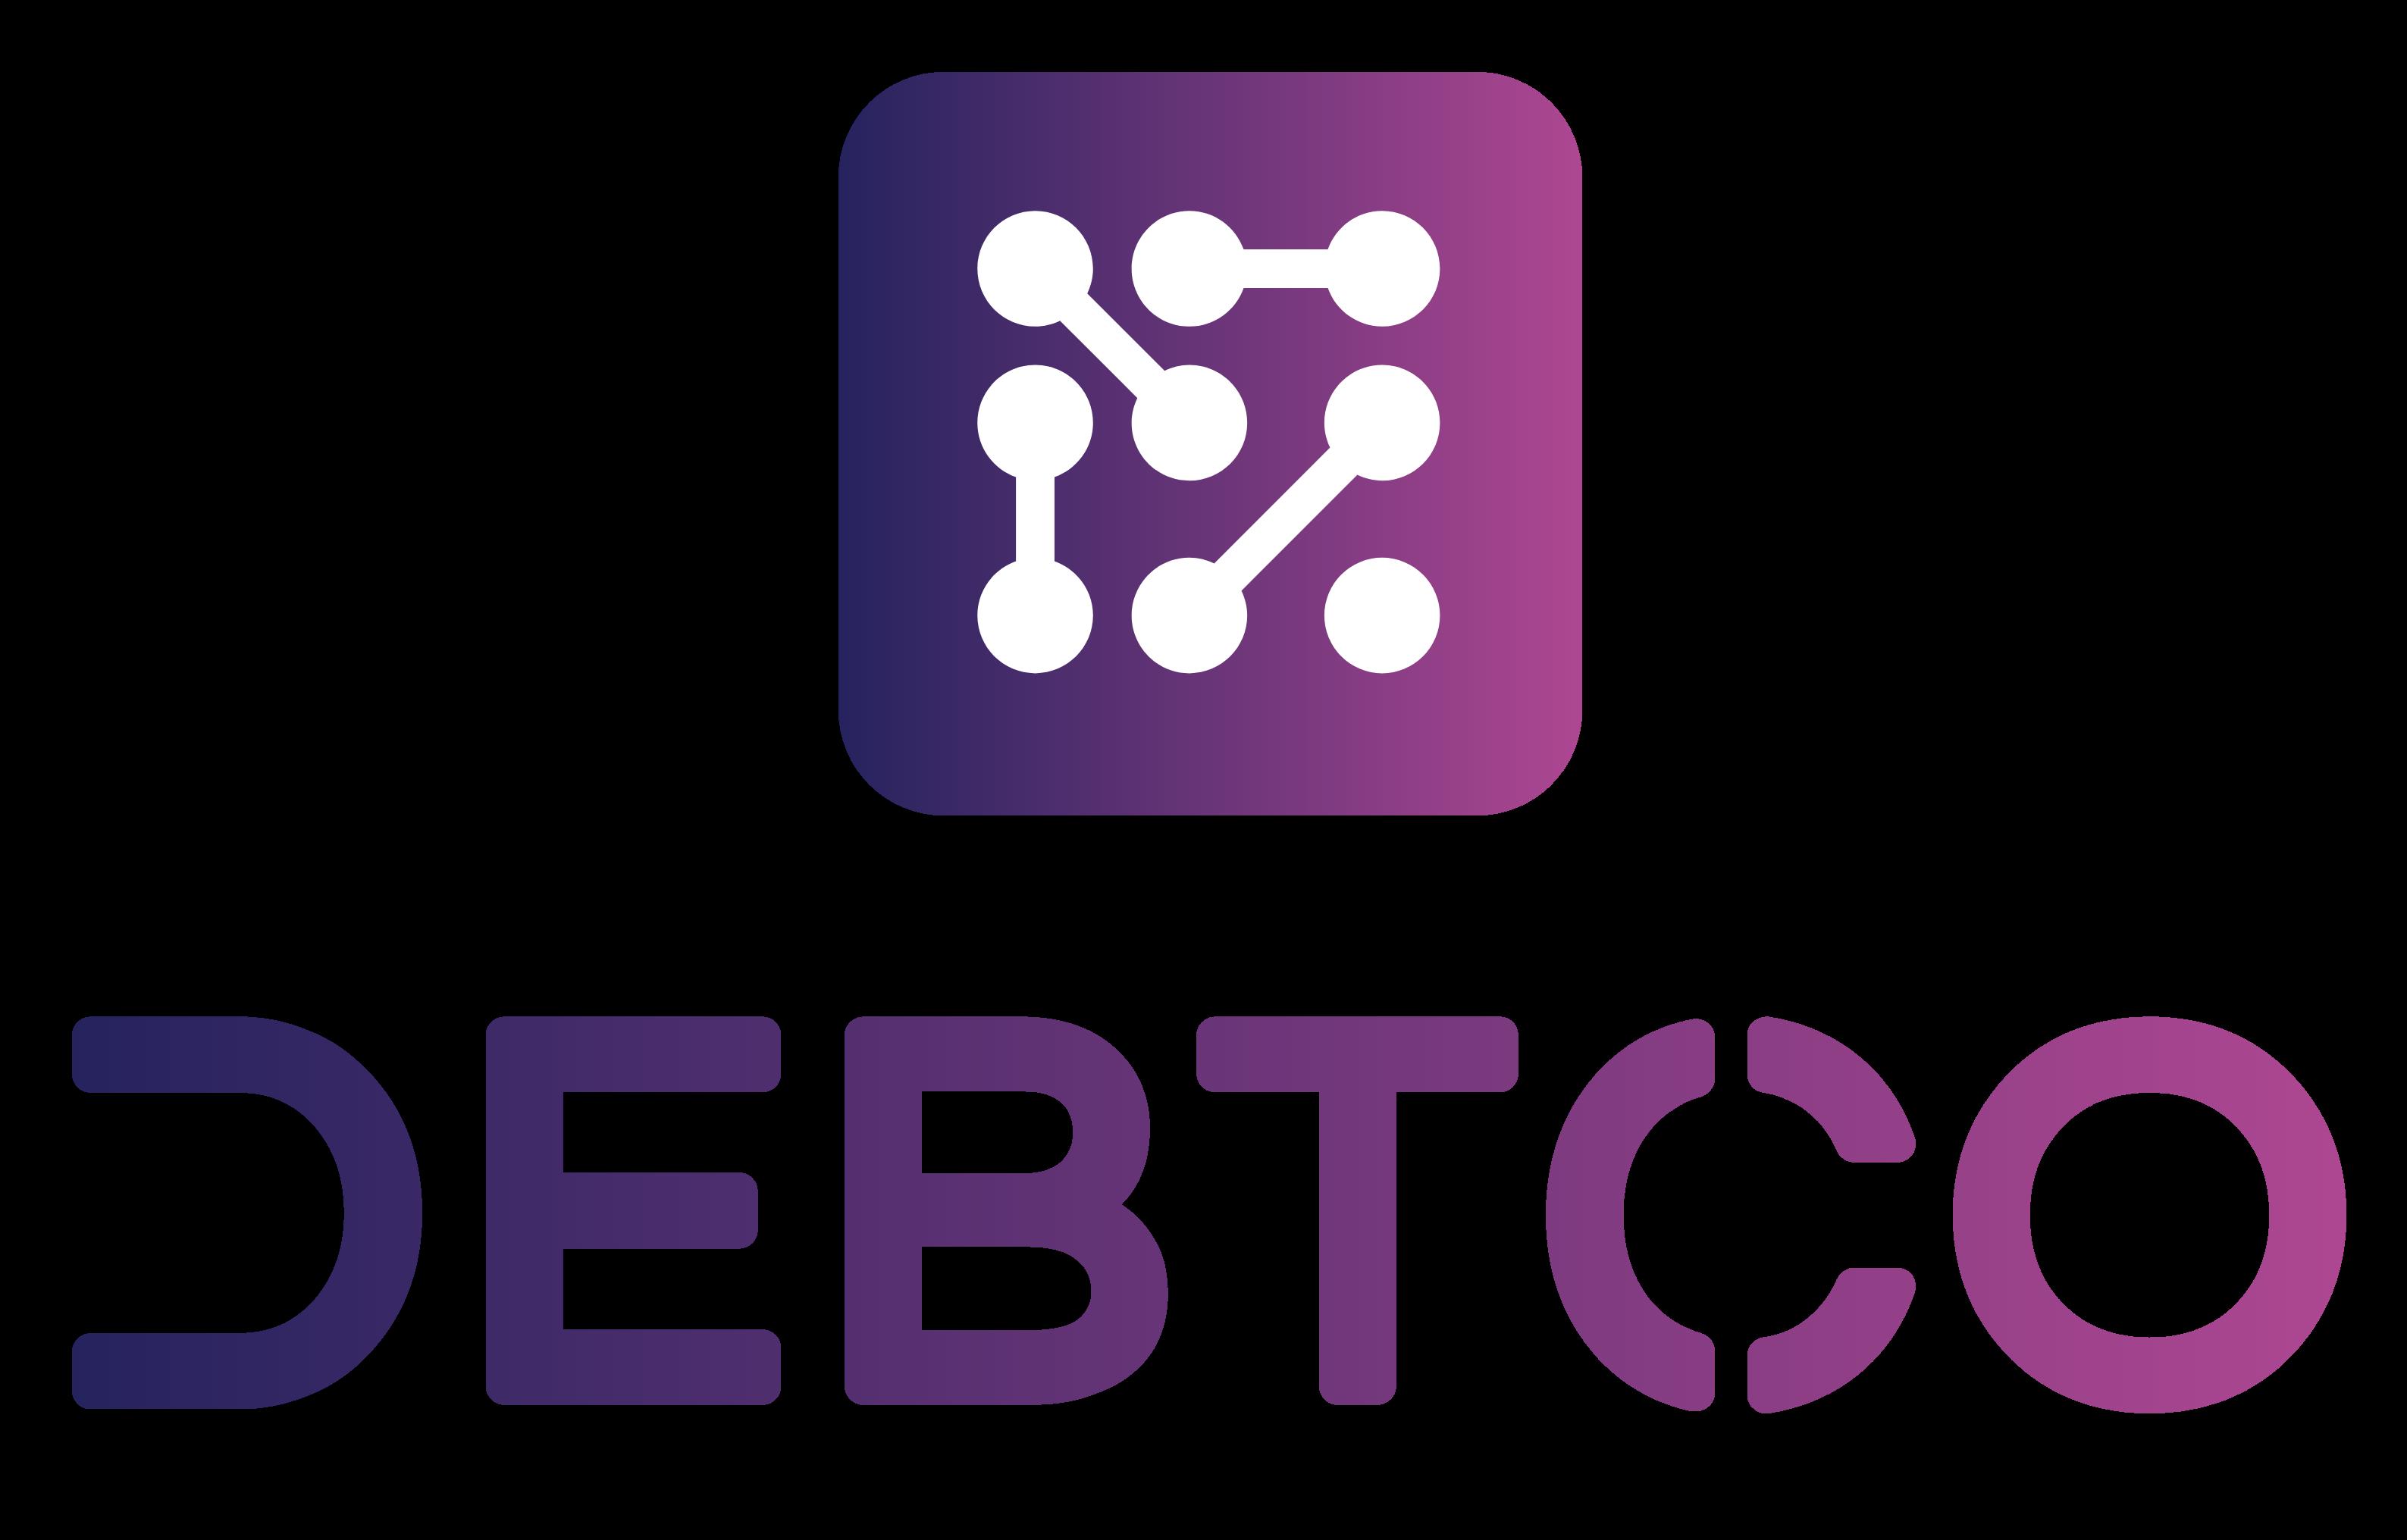 Debtco.nl logo 2020